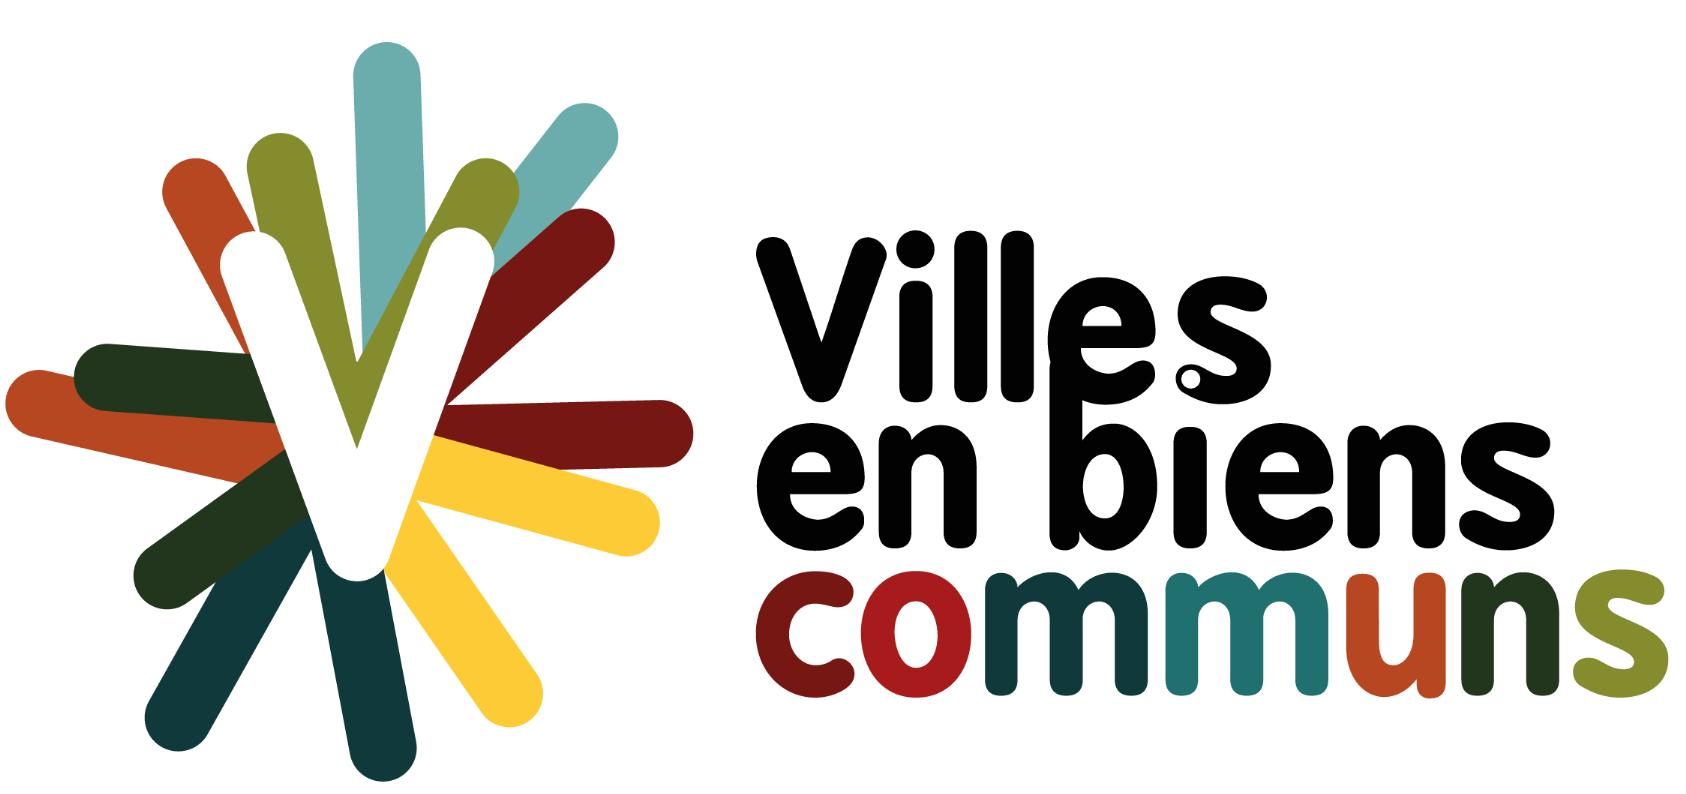 SavoirsCom1 participe au Festival Villes en Biens Communs ! Tous les évènements du collectif.